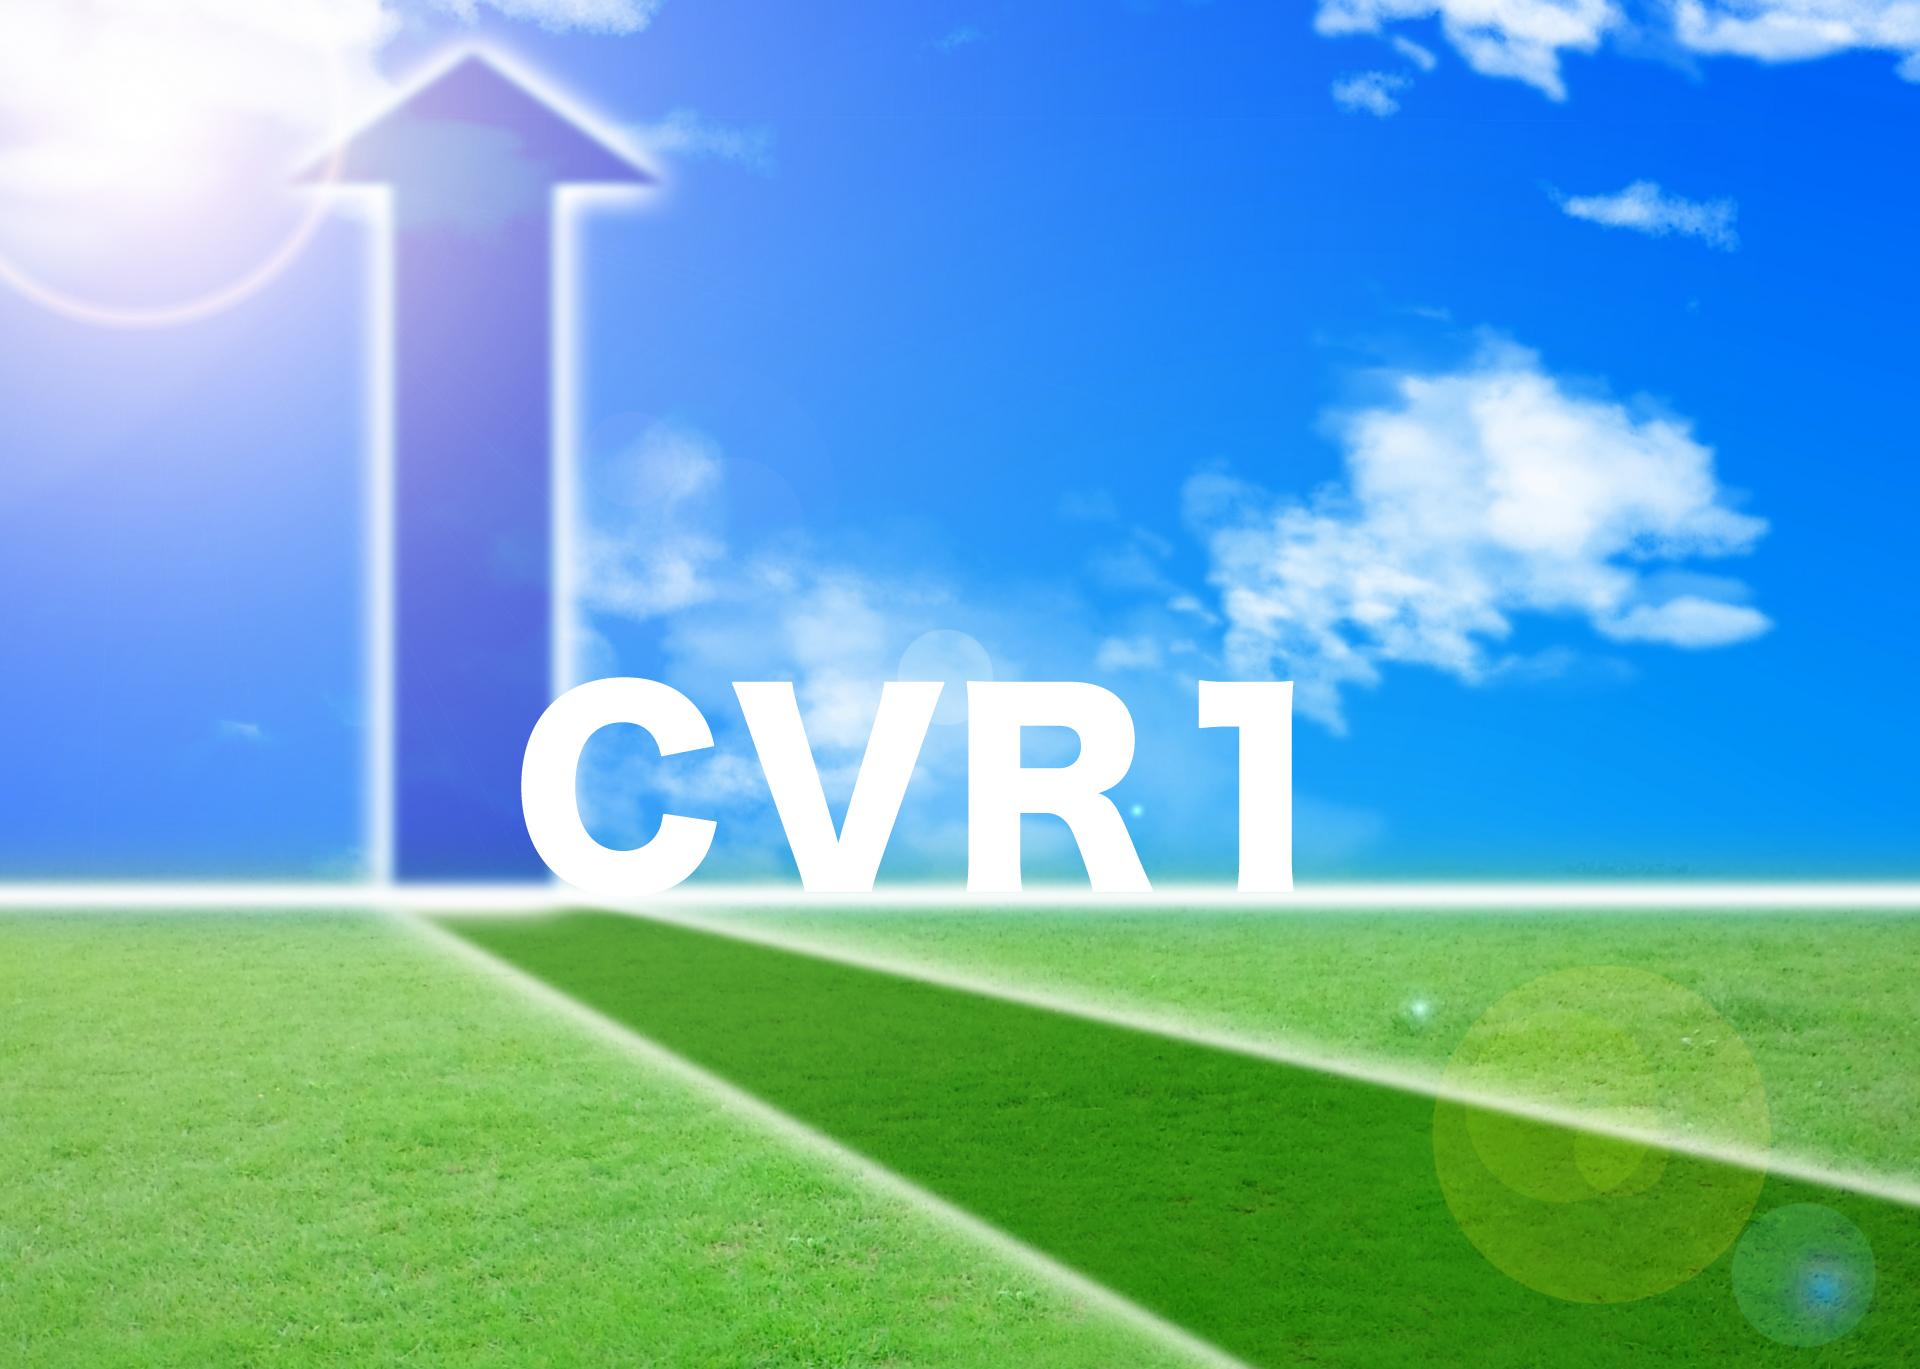 楽天での転換率(CVR)増加(1)